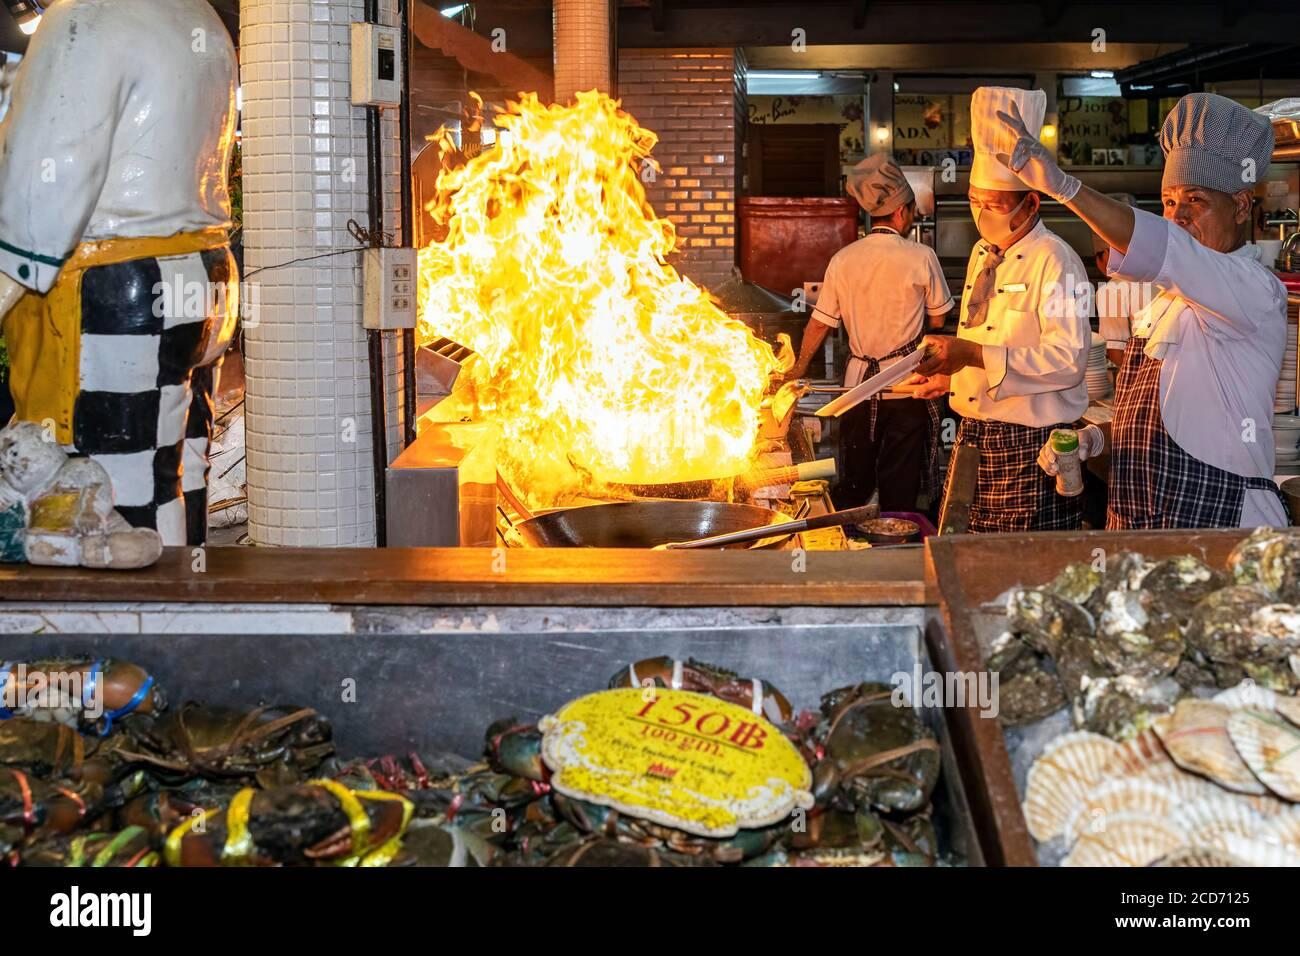 Cuisine ouverte Flames au restaurant Savooey Seafood, Patong, Phuket, Thaïlande Banque D'Images